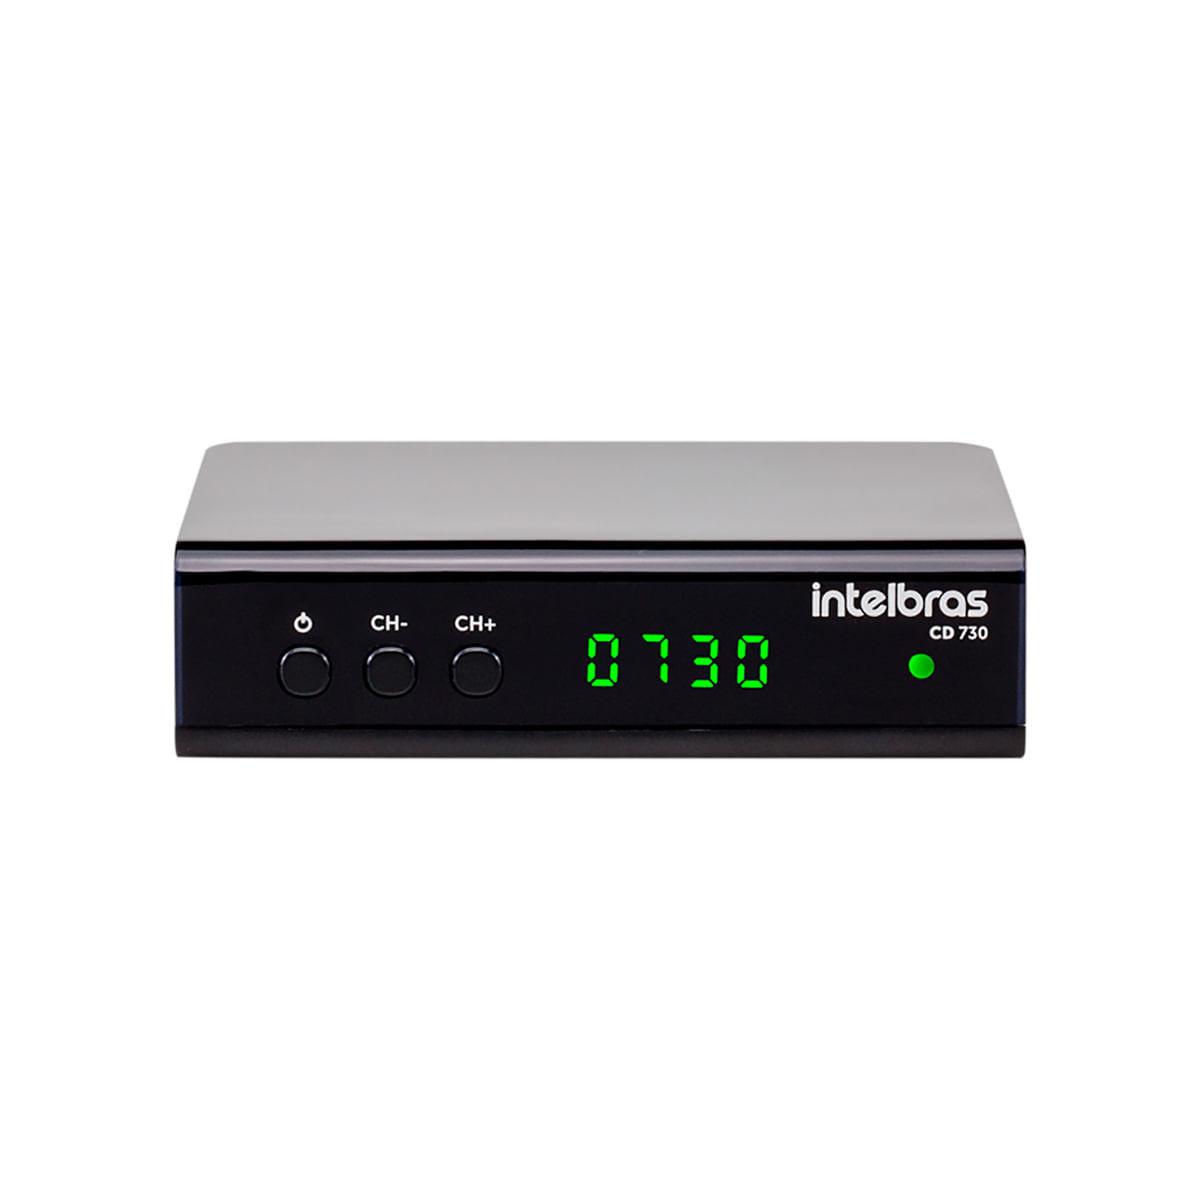 Conversor Digital de TV Intelbras com Gravador CD 730